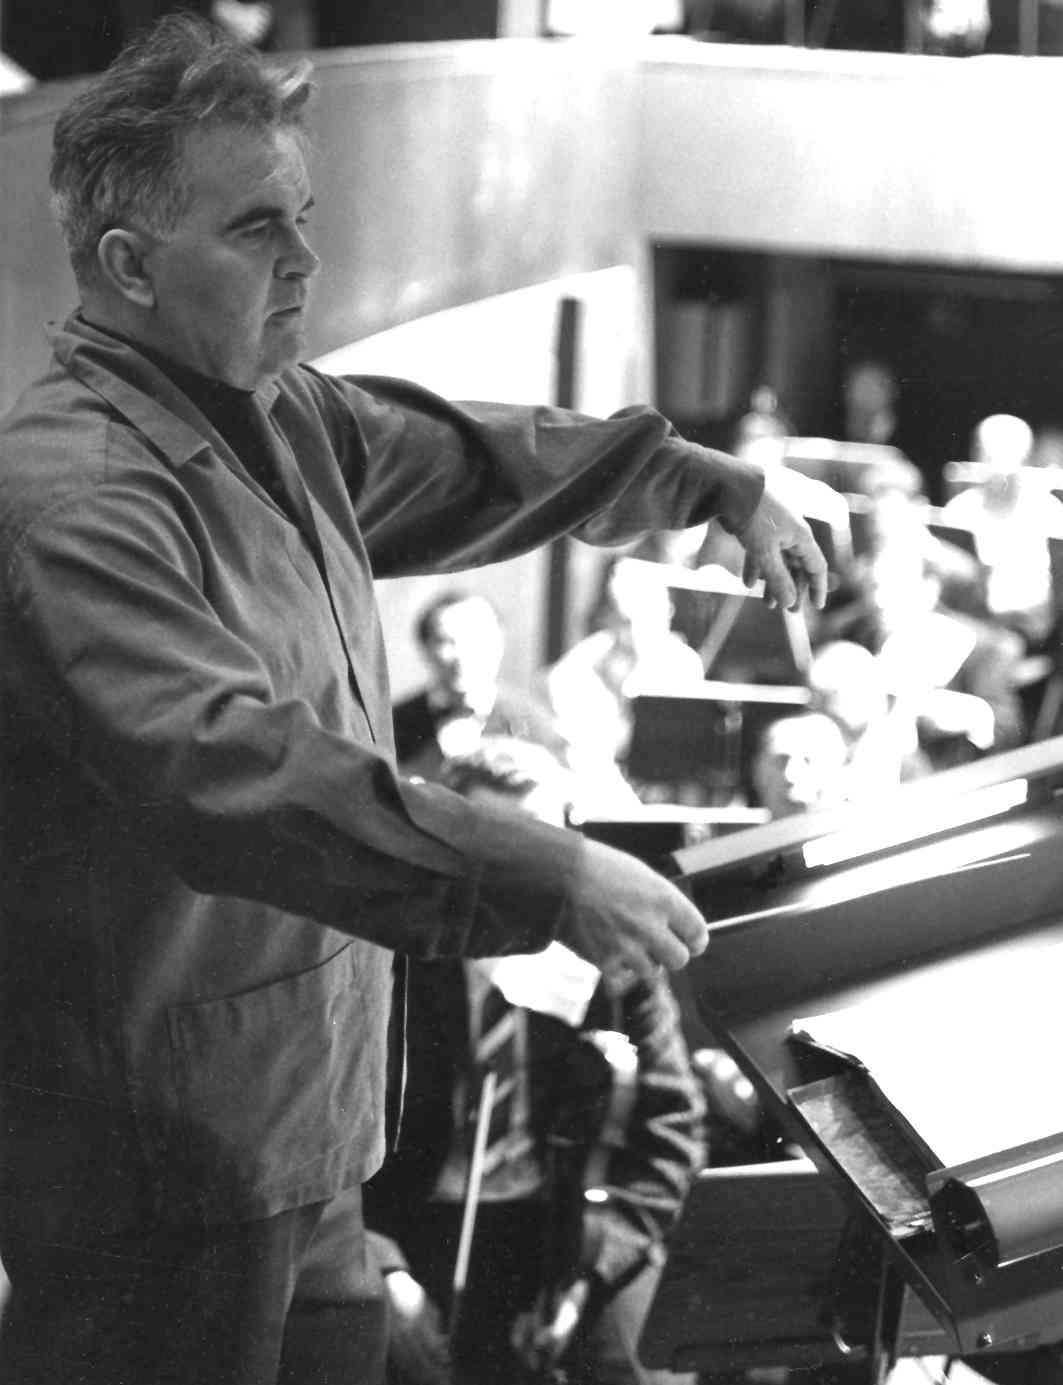 Wilhelm Schüchter en 1966, pendant une répétition pour l'ouverture de la `Große Haus an der Hansastraße`. Copyright Dortmunder Theatersammlung, tous droits réservés